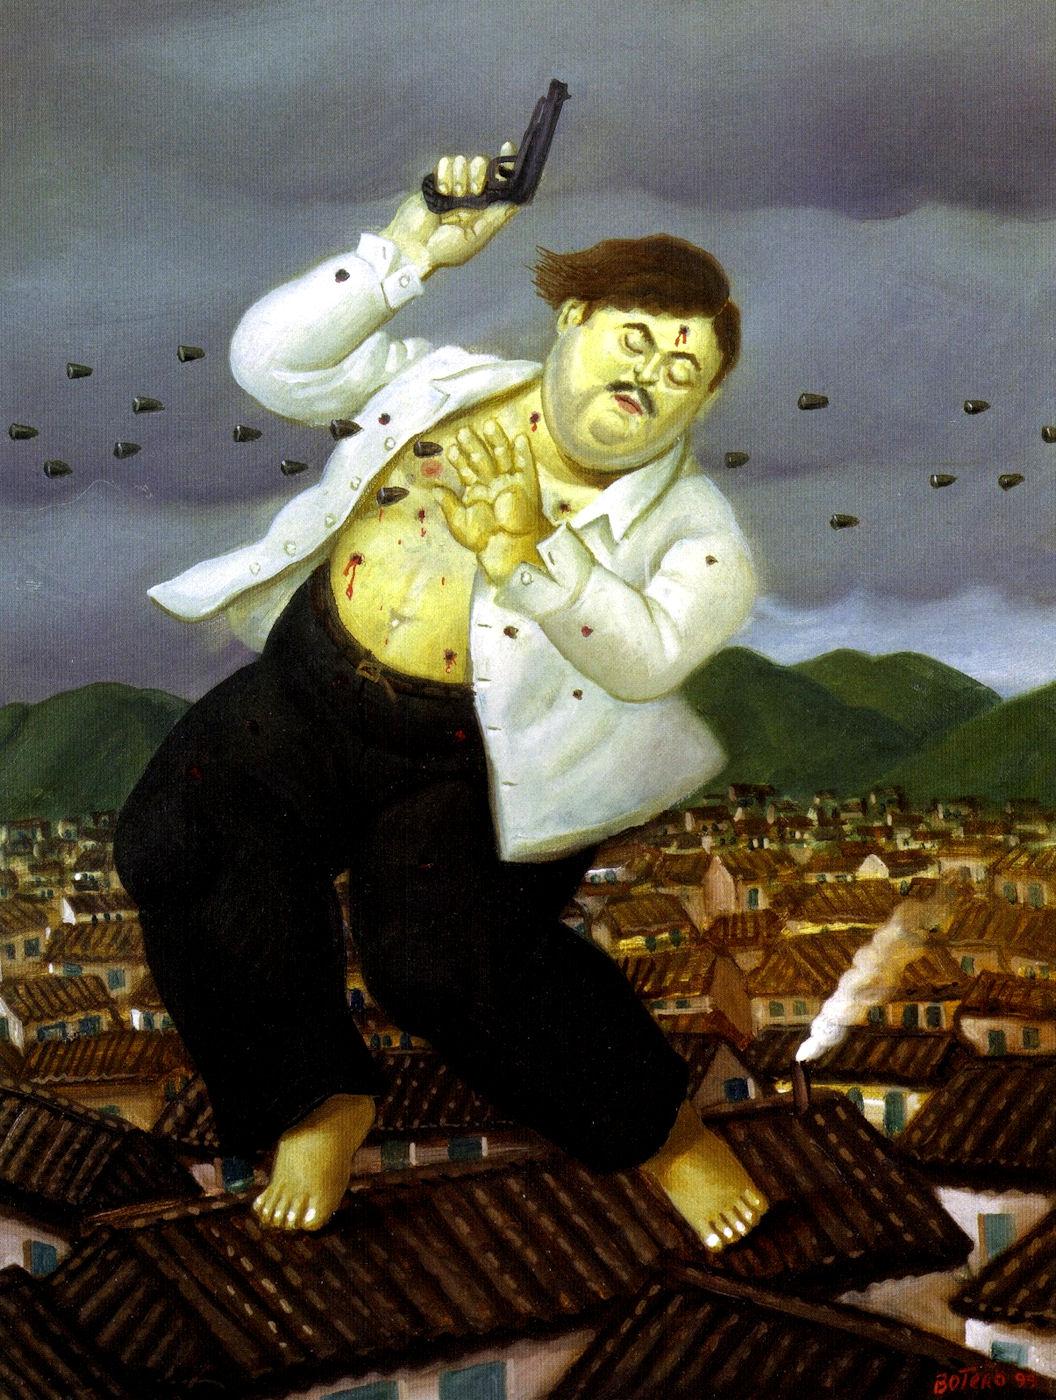 La muerte de Pablo Escobar, del artista colombiano Fenando Botero